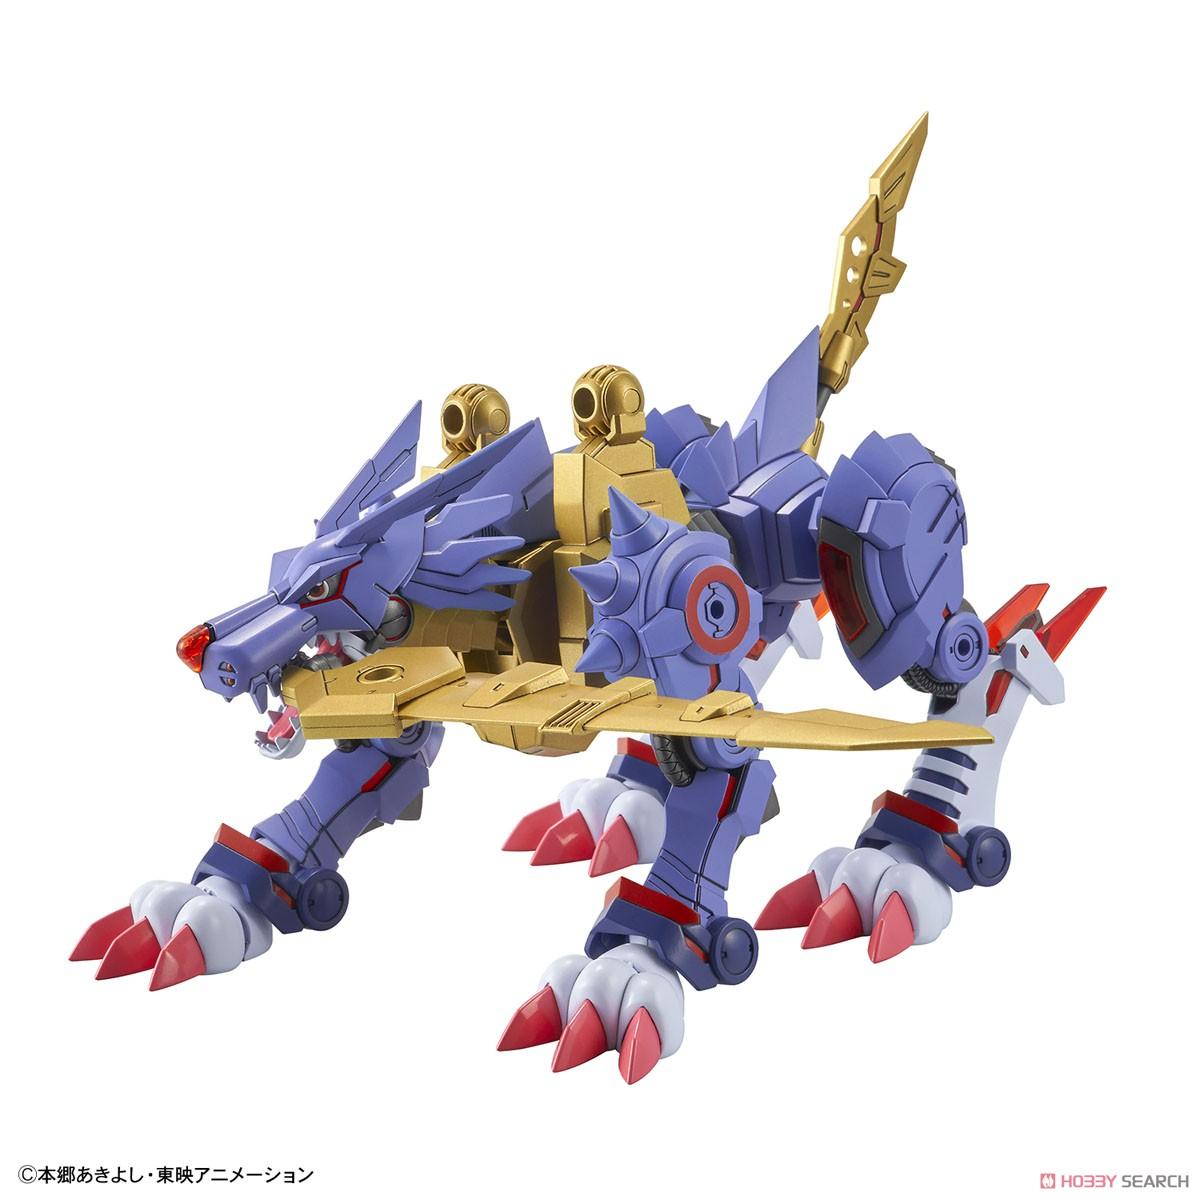 【再販】Figure-rise Standard『メタルガルルモン(AMPLIFIED)』デジモンアドベンチャー プラモデル-004